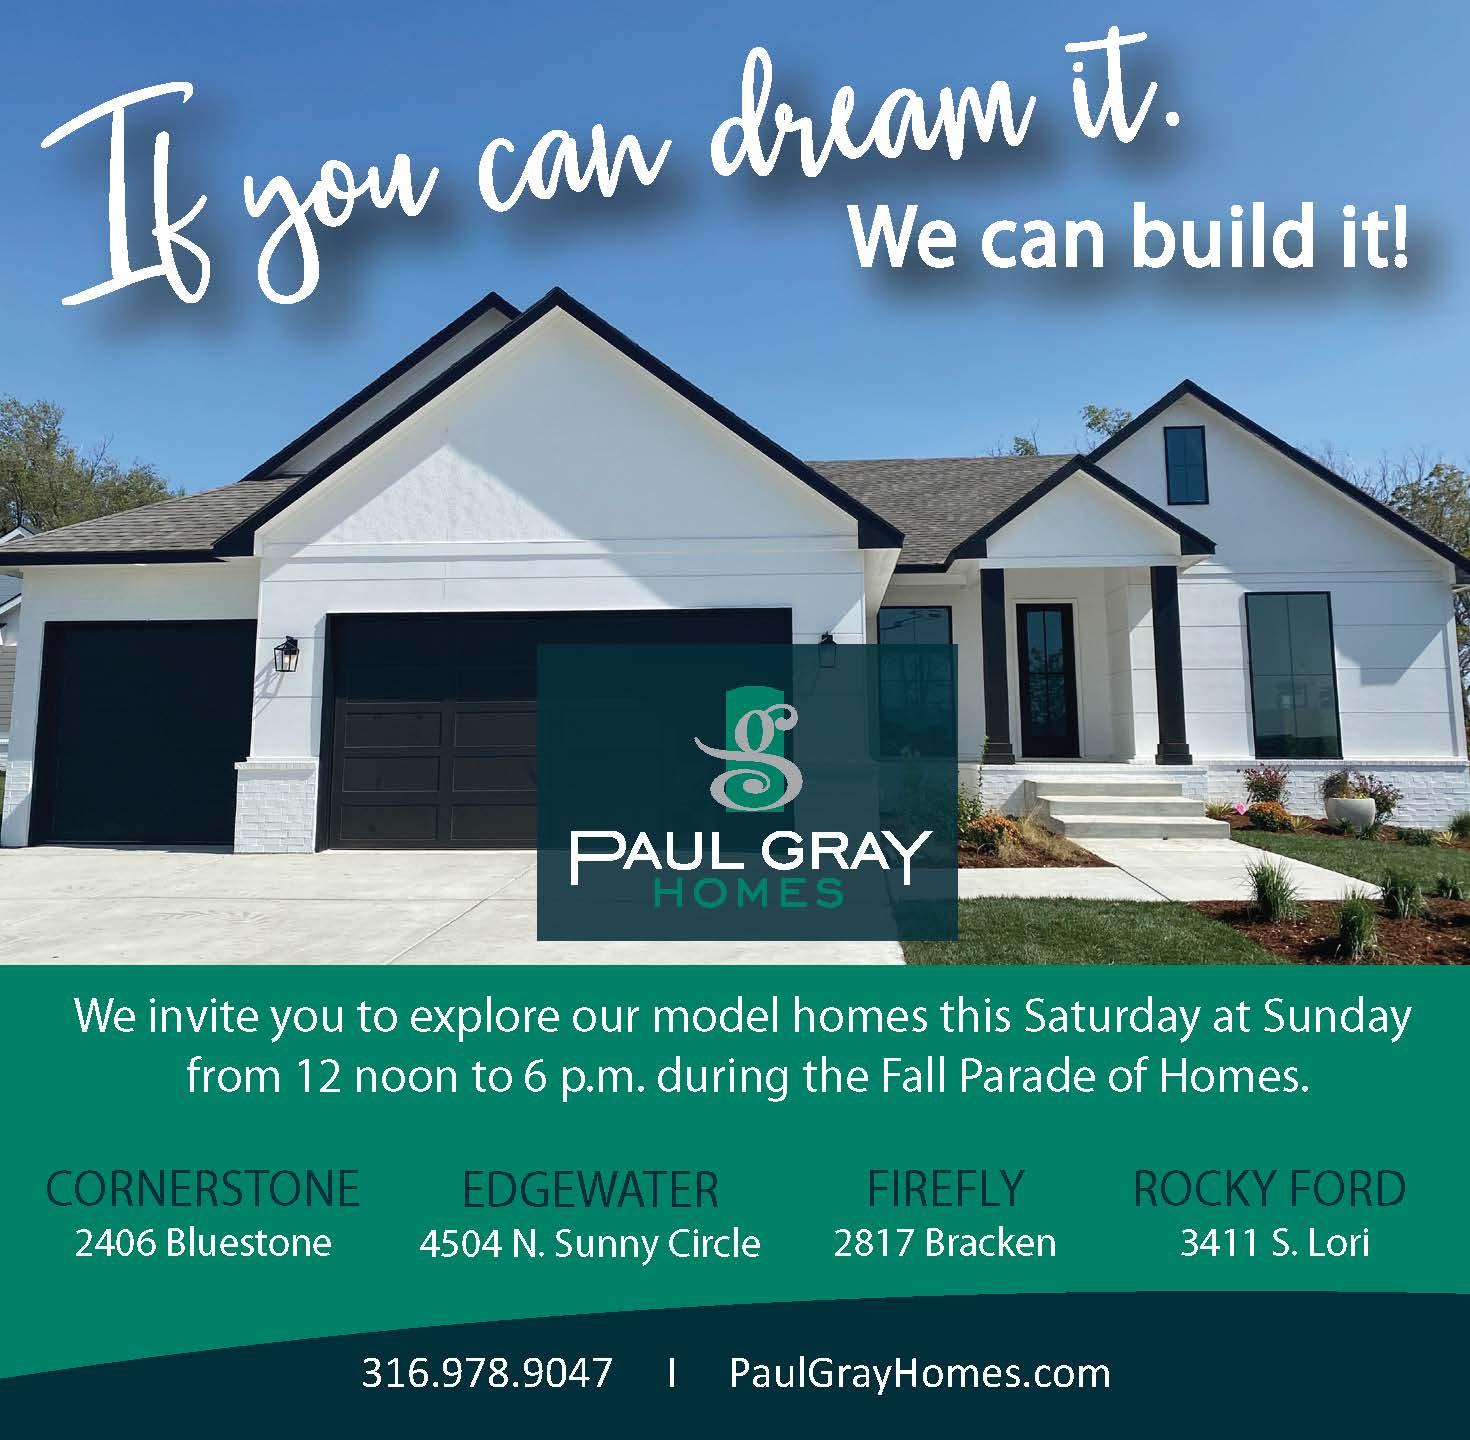 2020 Fall Parade of Homes